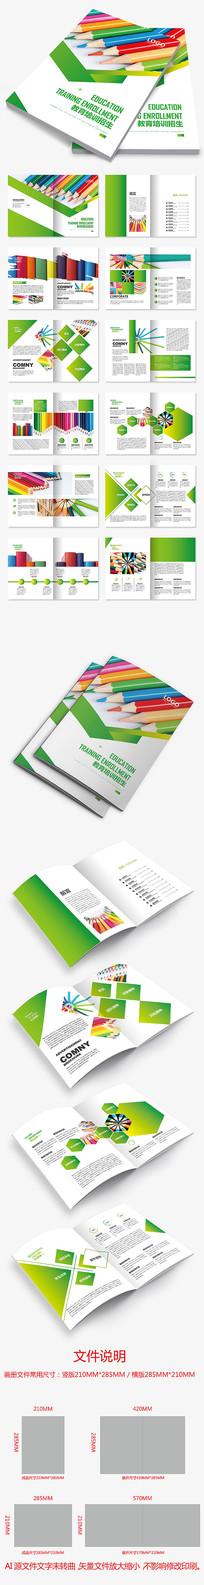 绿色渐变学校教育培训招生画册设计模板